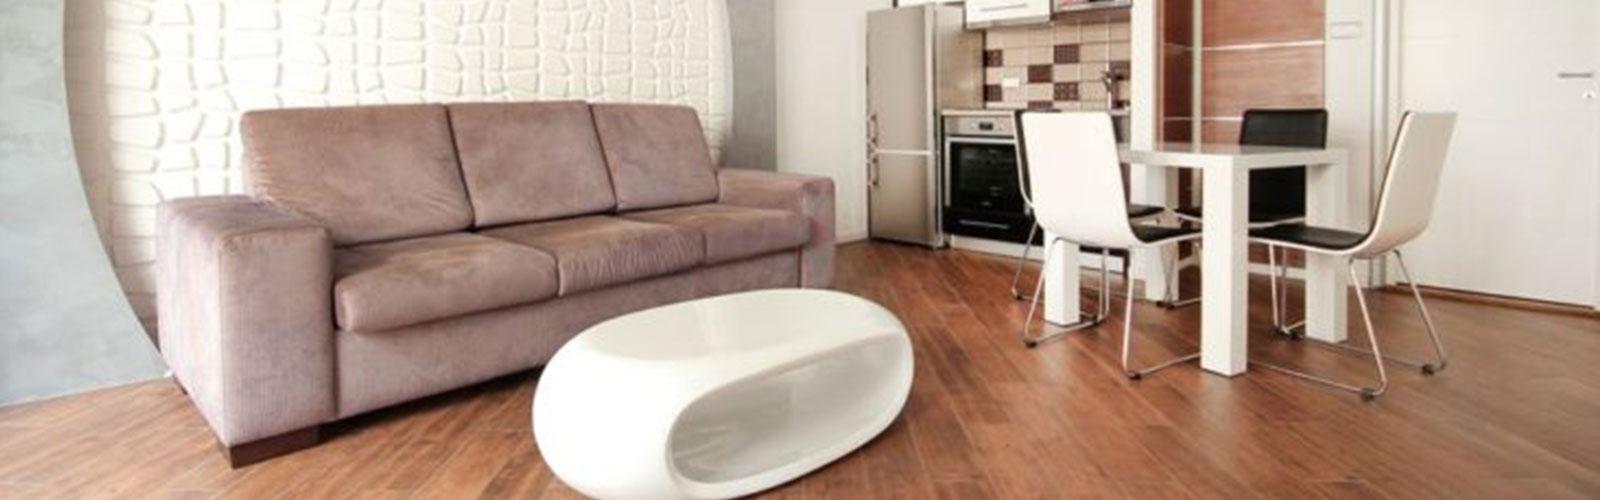 Concierge Belgrade | Apartman Delta Top 19